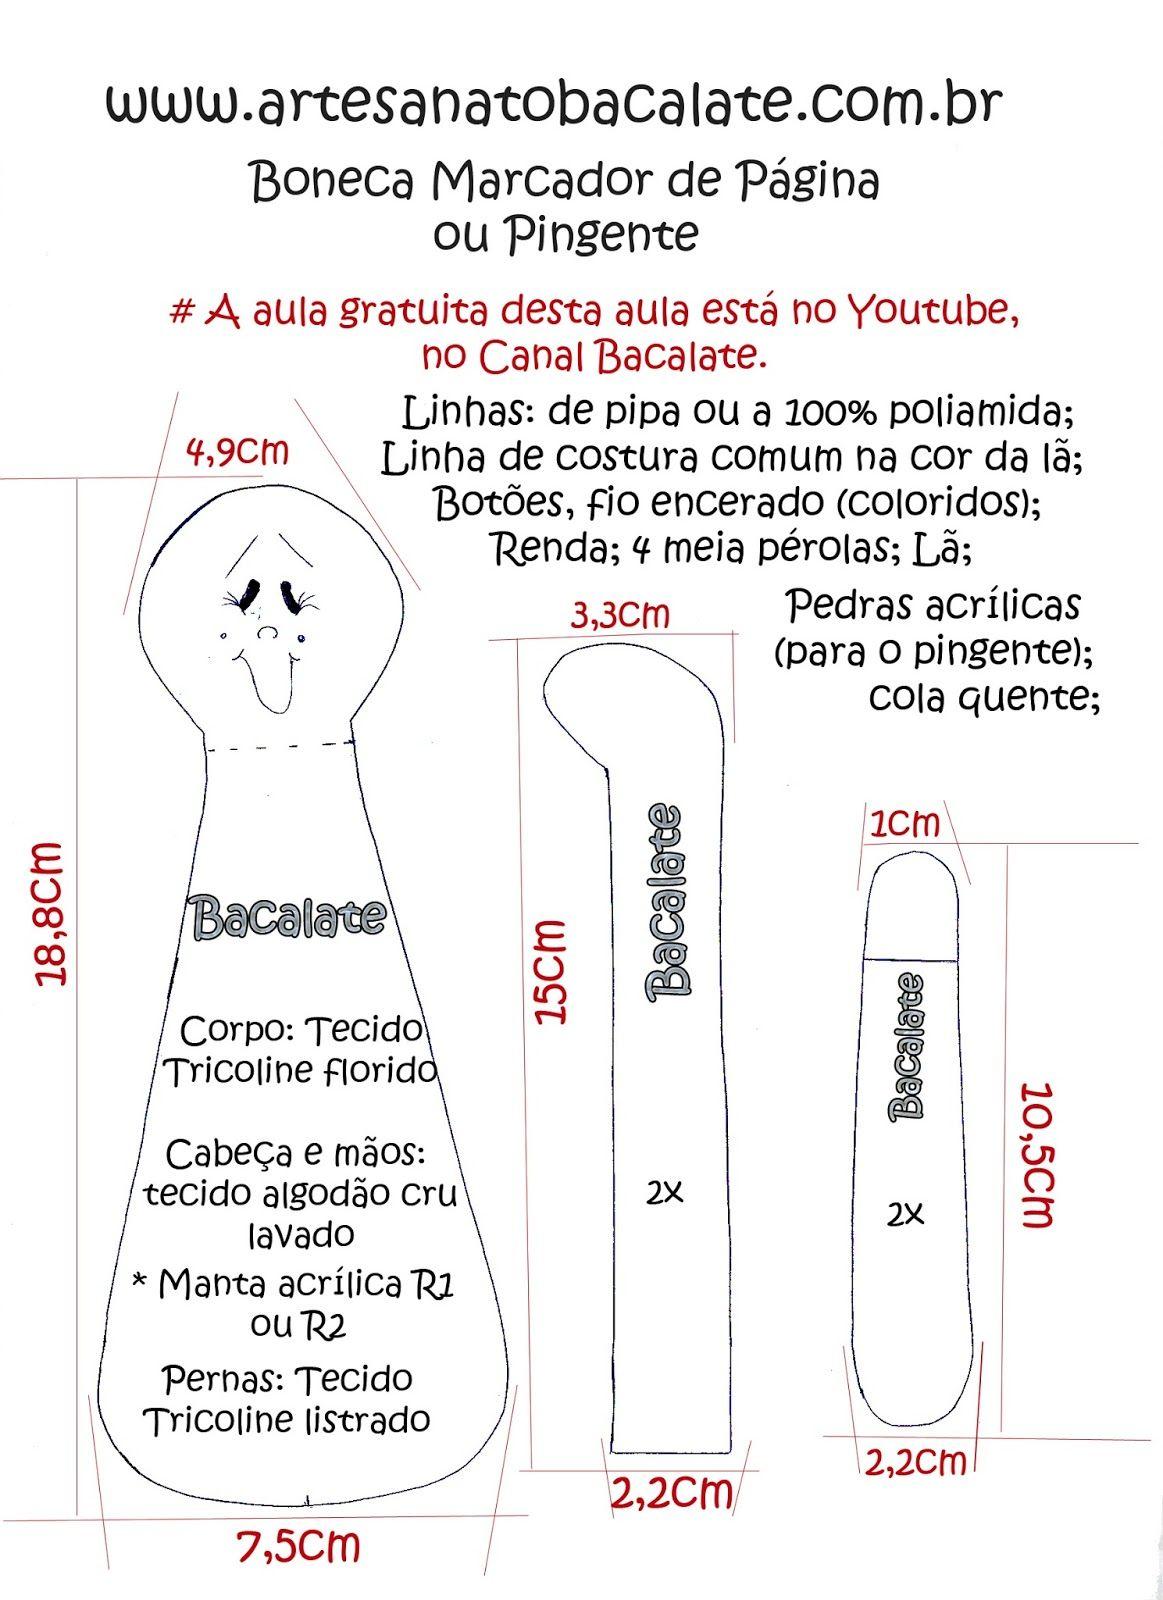 Molde+Boneca+Marcador+de+P%C3%A1gina+Canal+Bacalate.jpg (1163×1600)